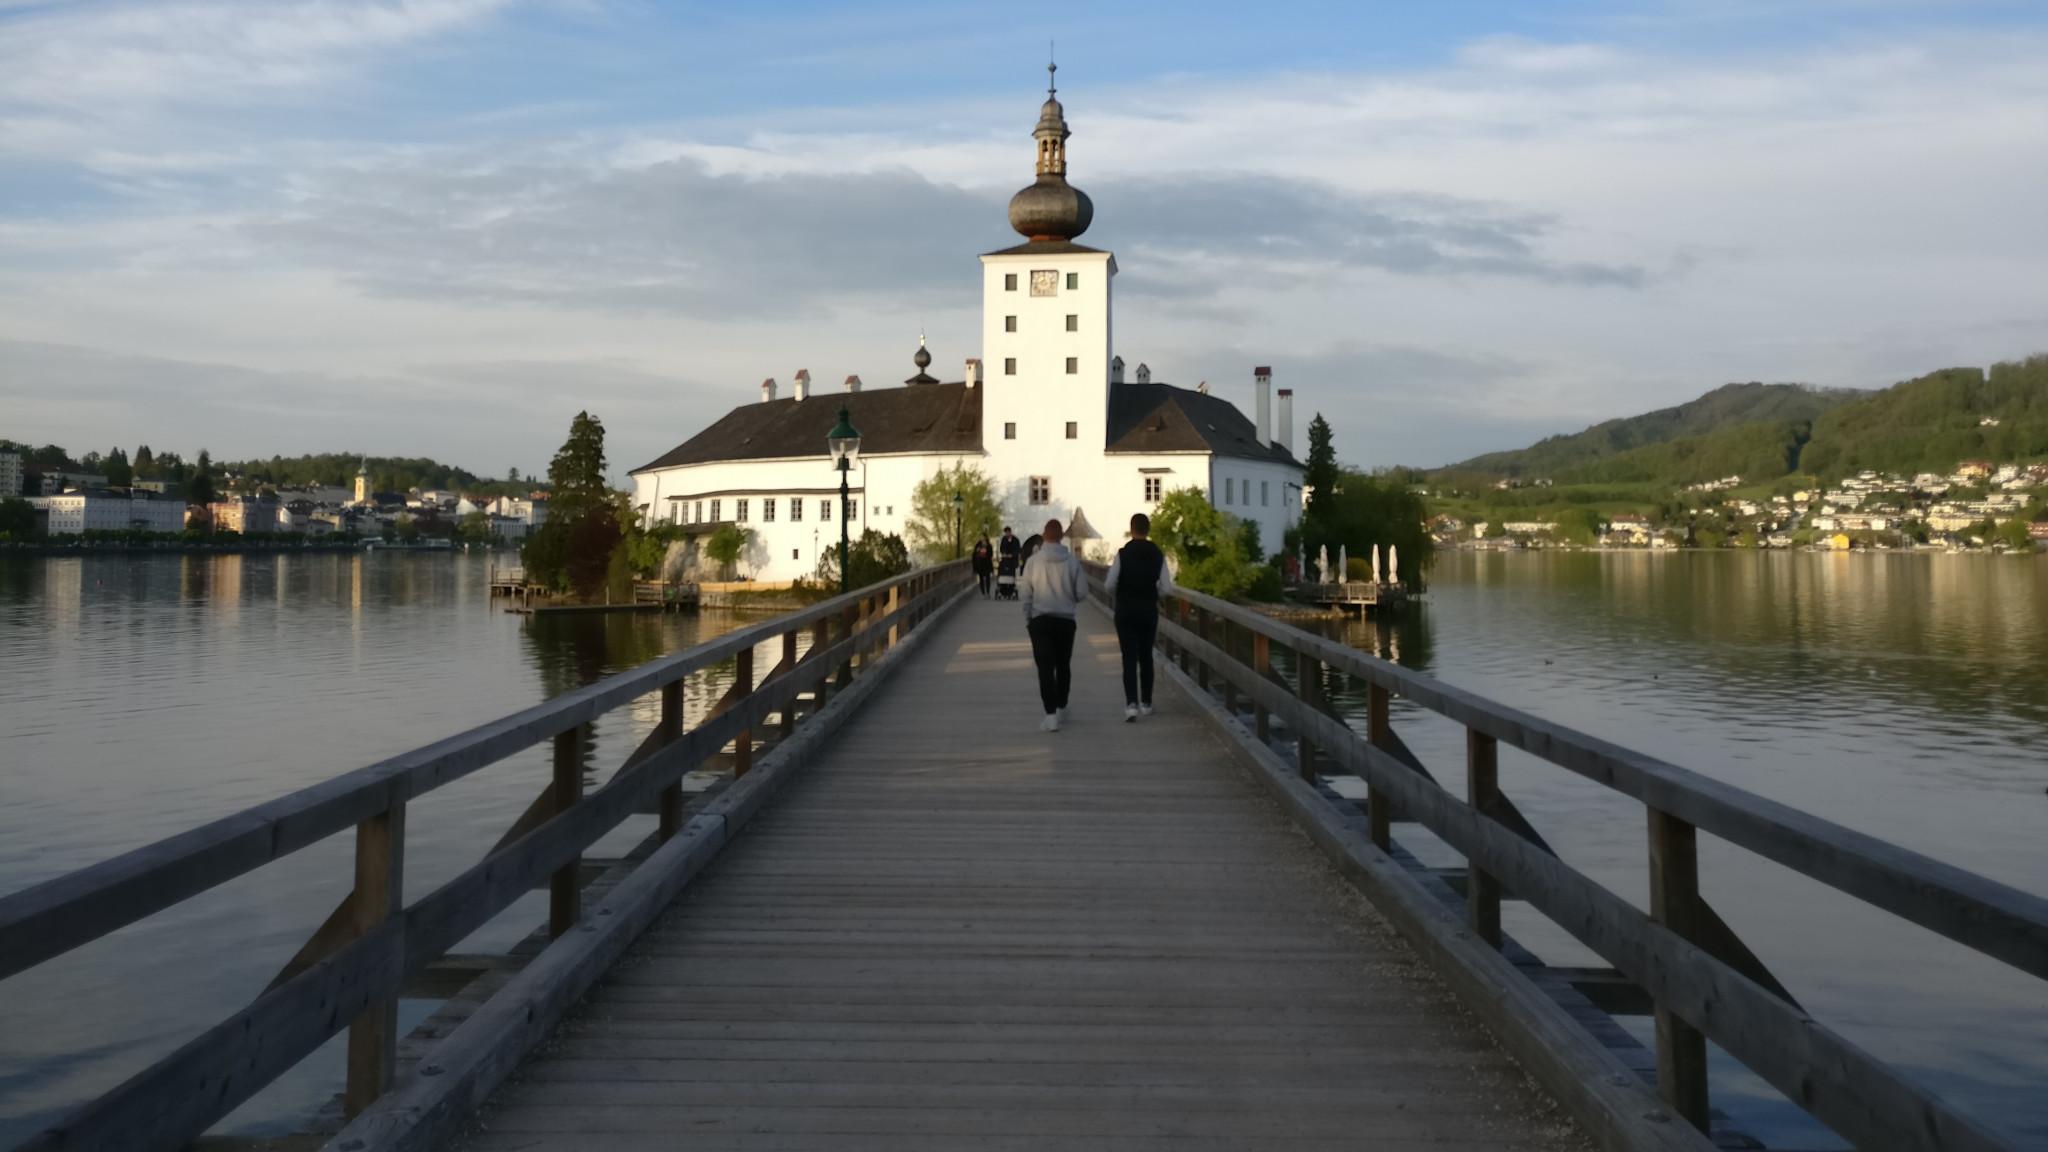 Gmunden's Schloss Ort Castle